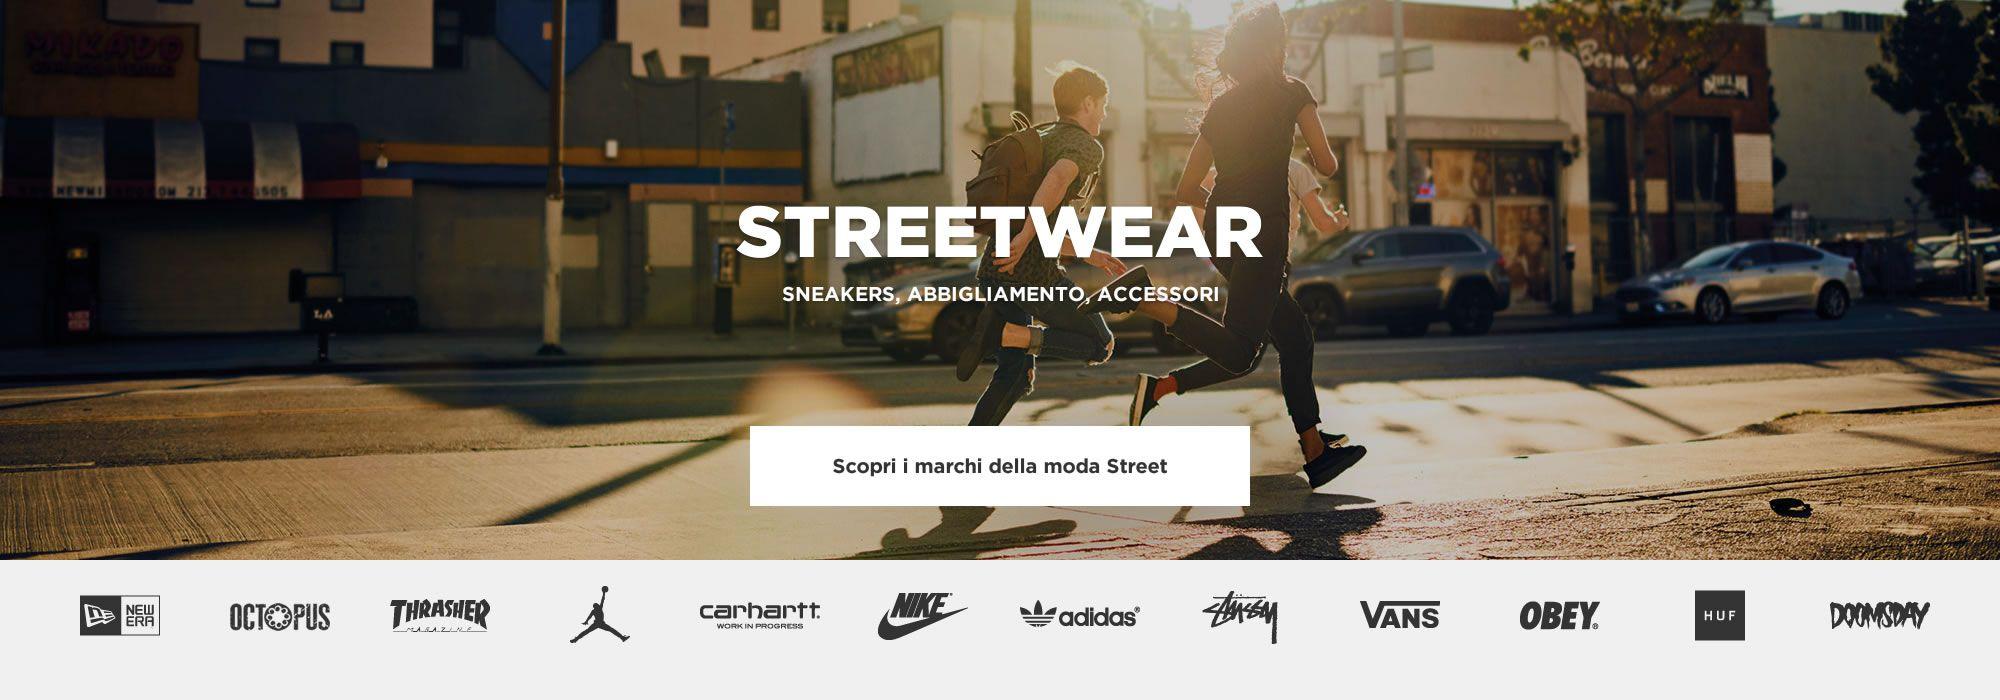 STREETWEAR Sneakers Abbigliamento Accessori 95e78cde22df